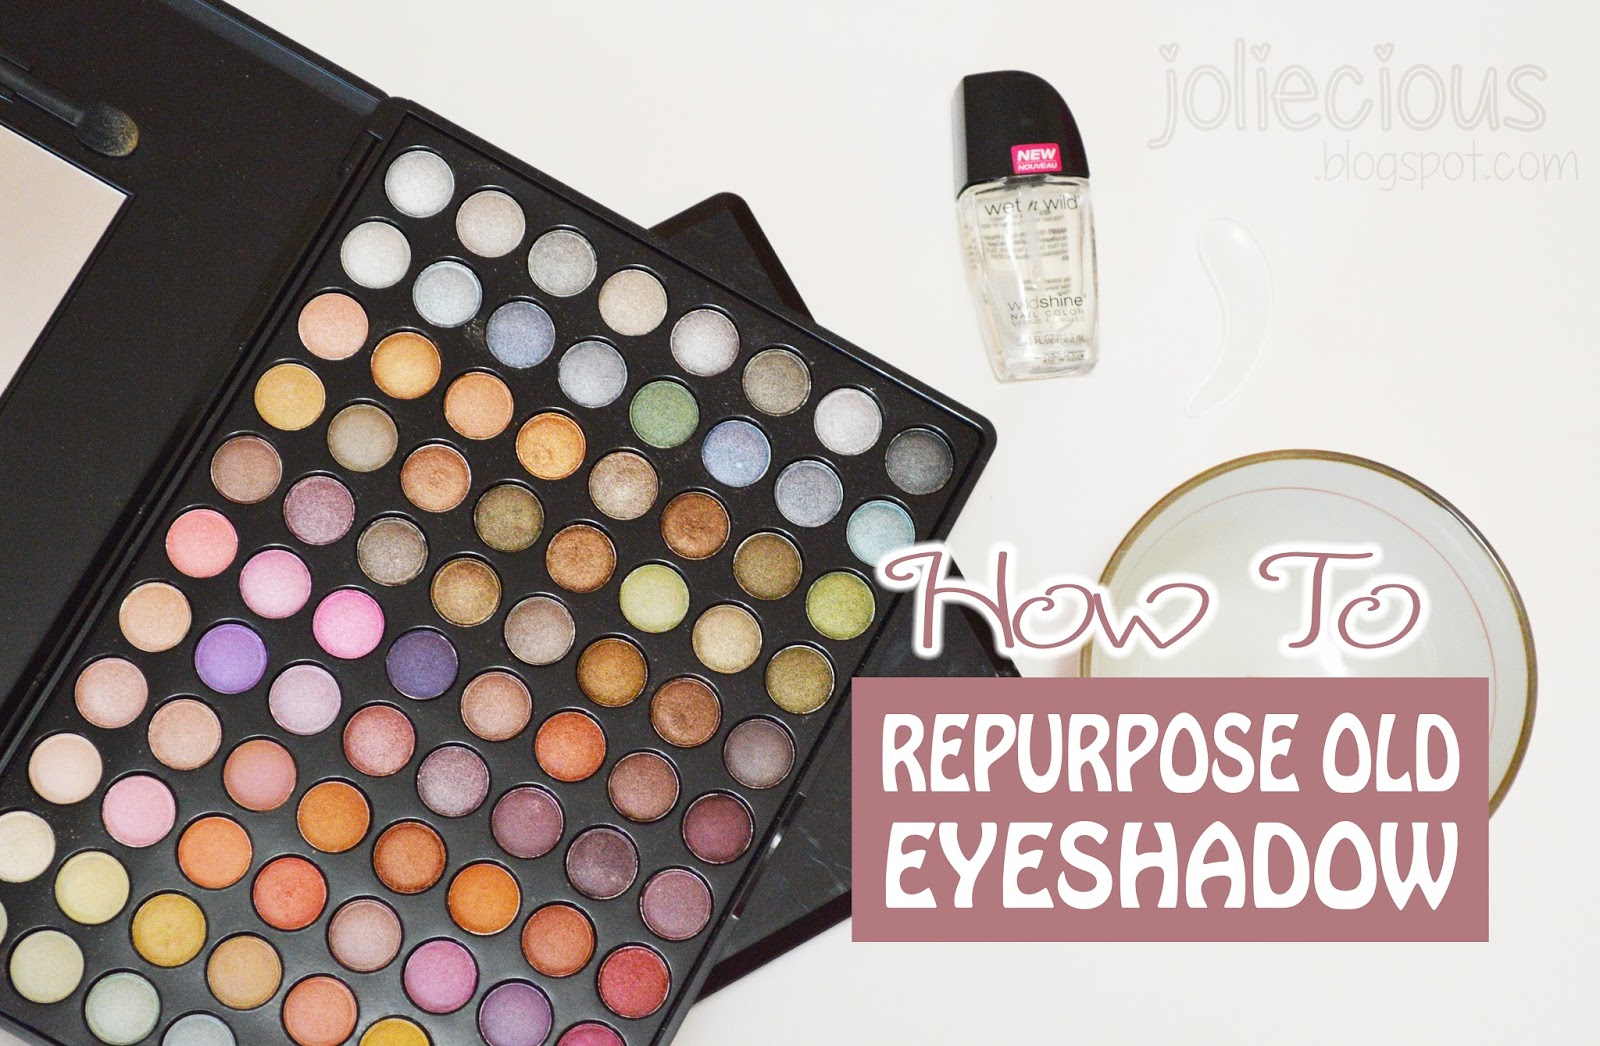 repurpose and reuse old eyeshadow